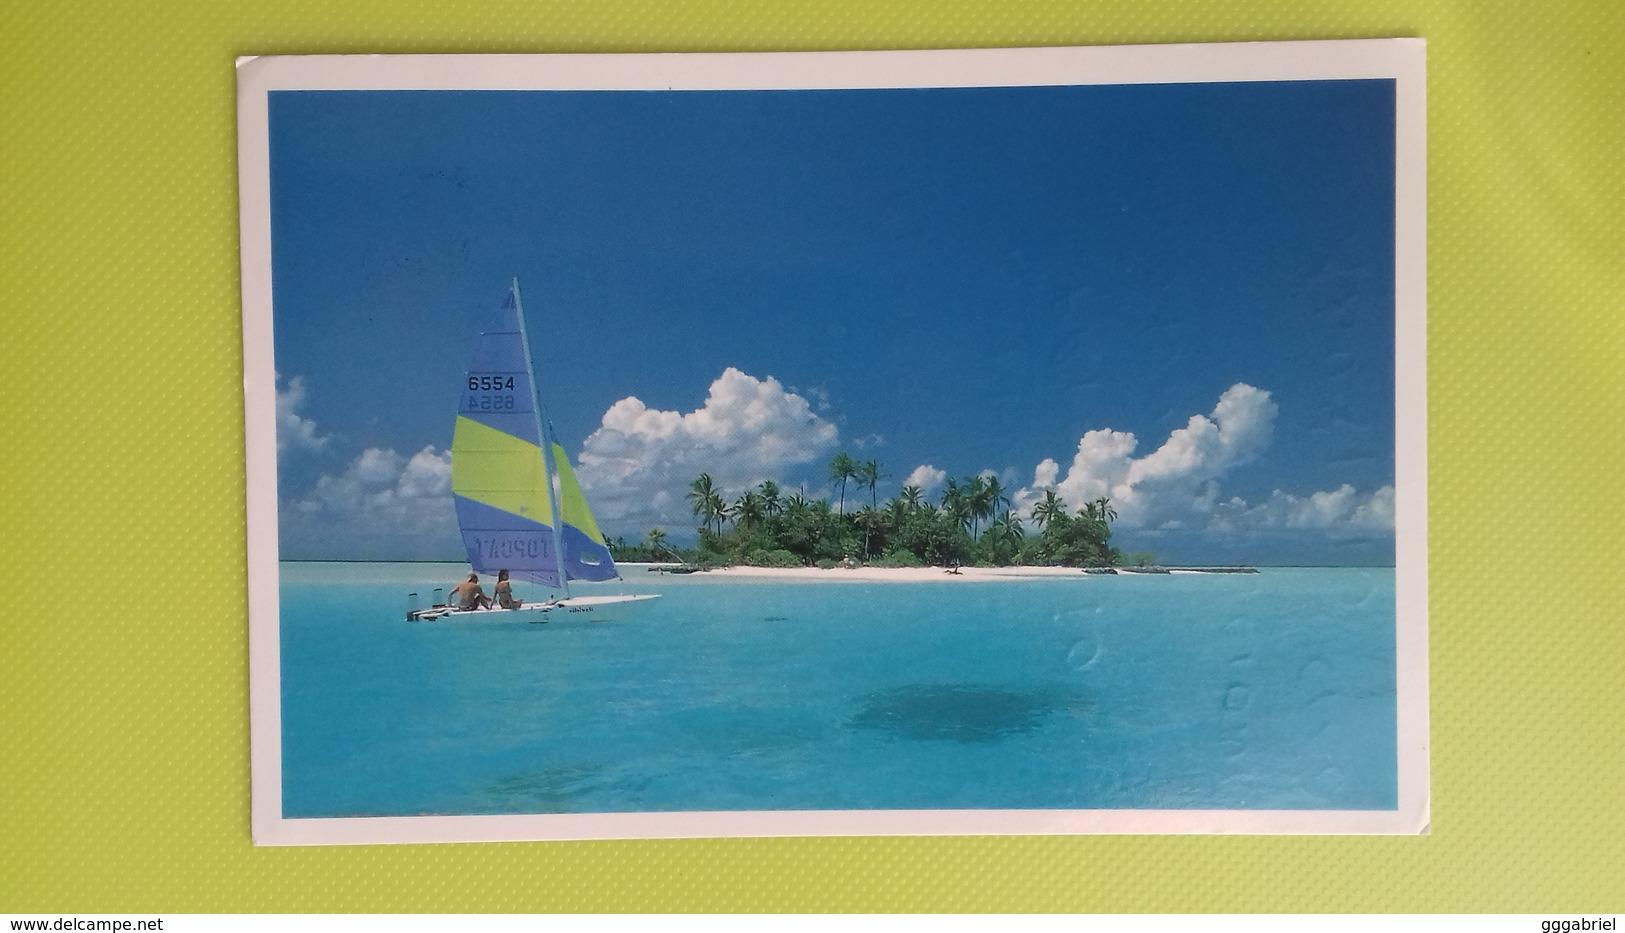 Cartolina MALDIVE - ...a Holiday Makers Dream - Viaggiata - Postcard - Un Sogno Per I Turisti - Maldive